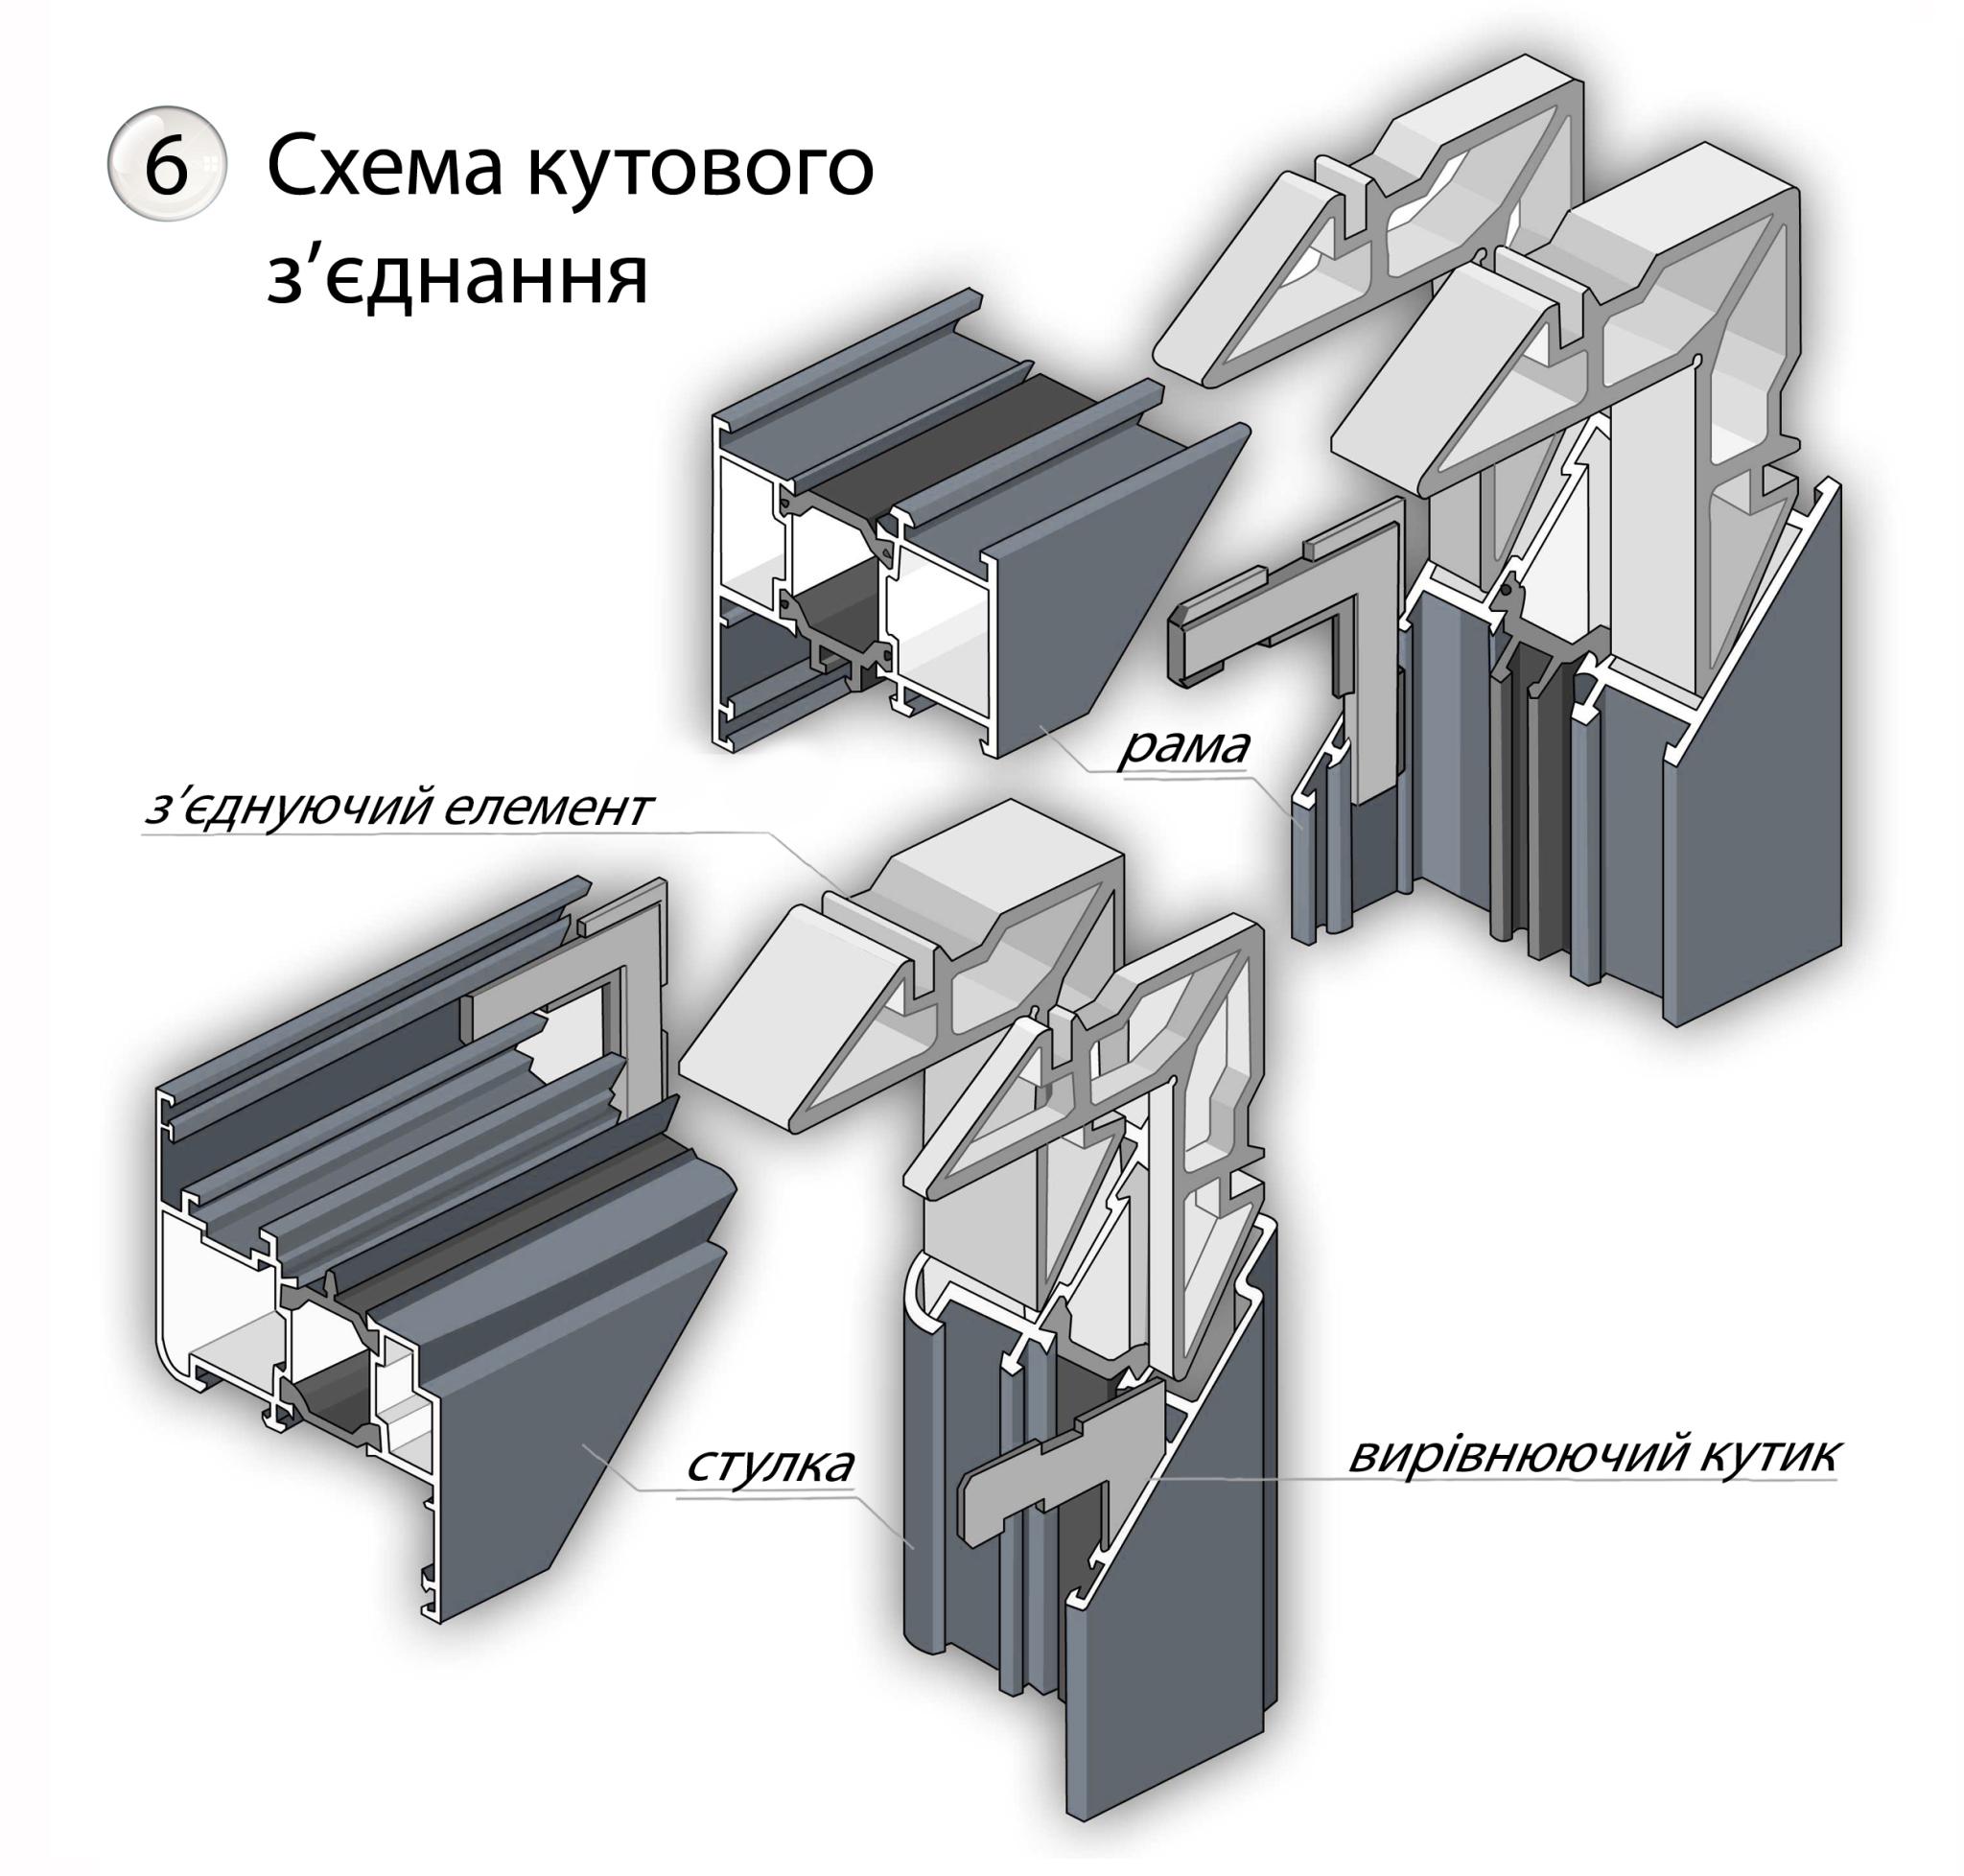 Схема кутового зєднання